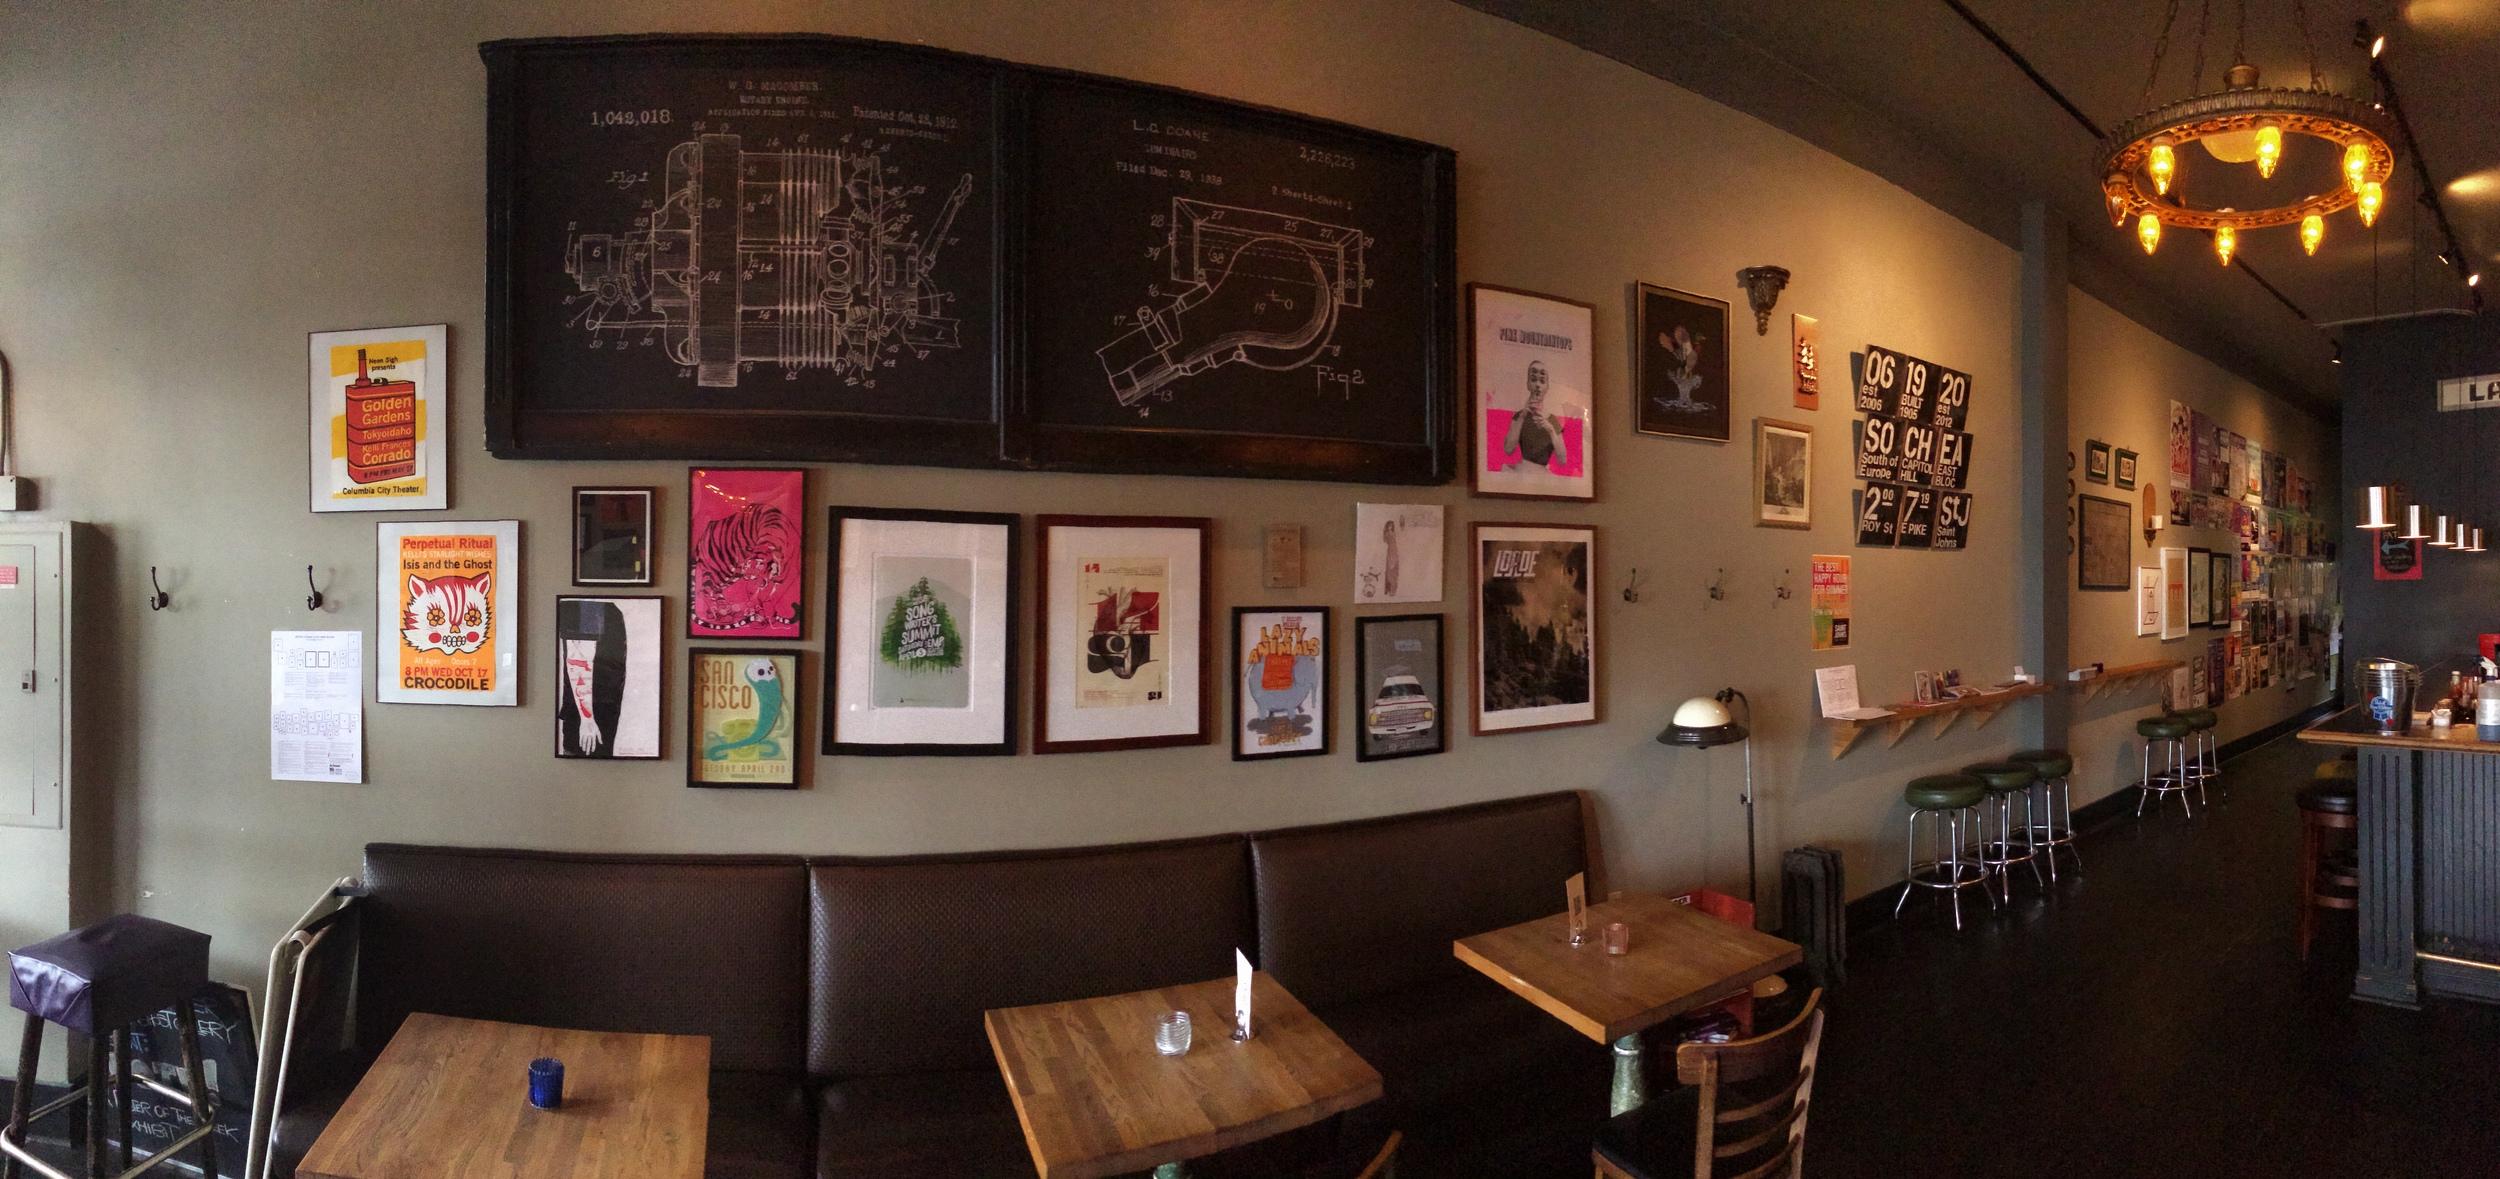 East Wall @ Saint John's Bar & Eatery